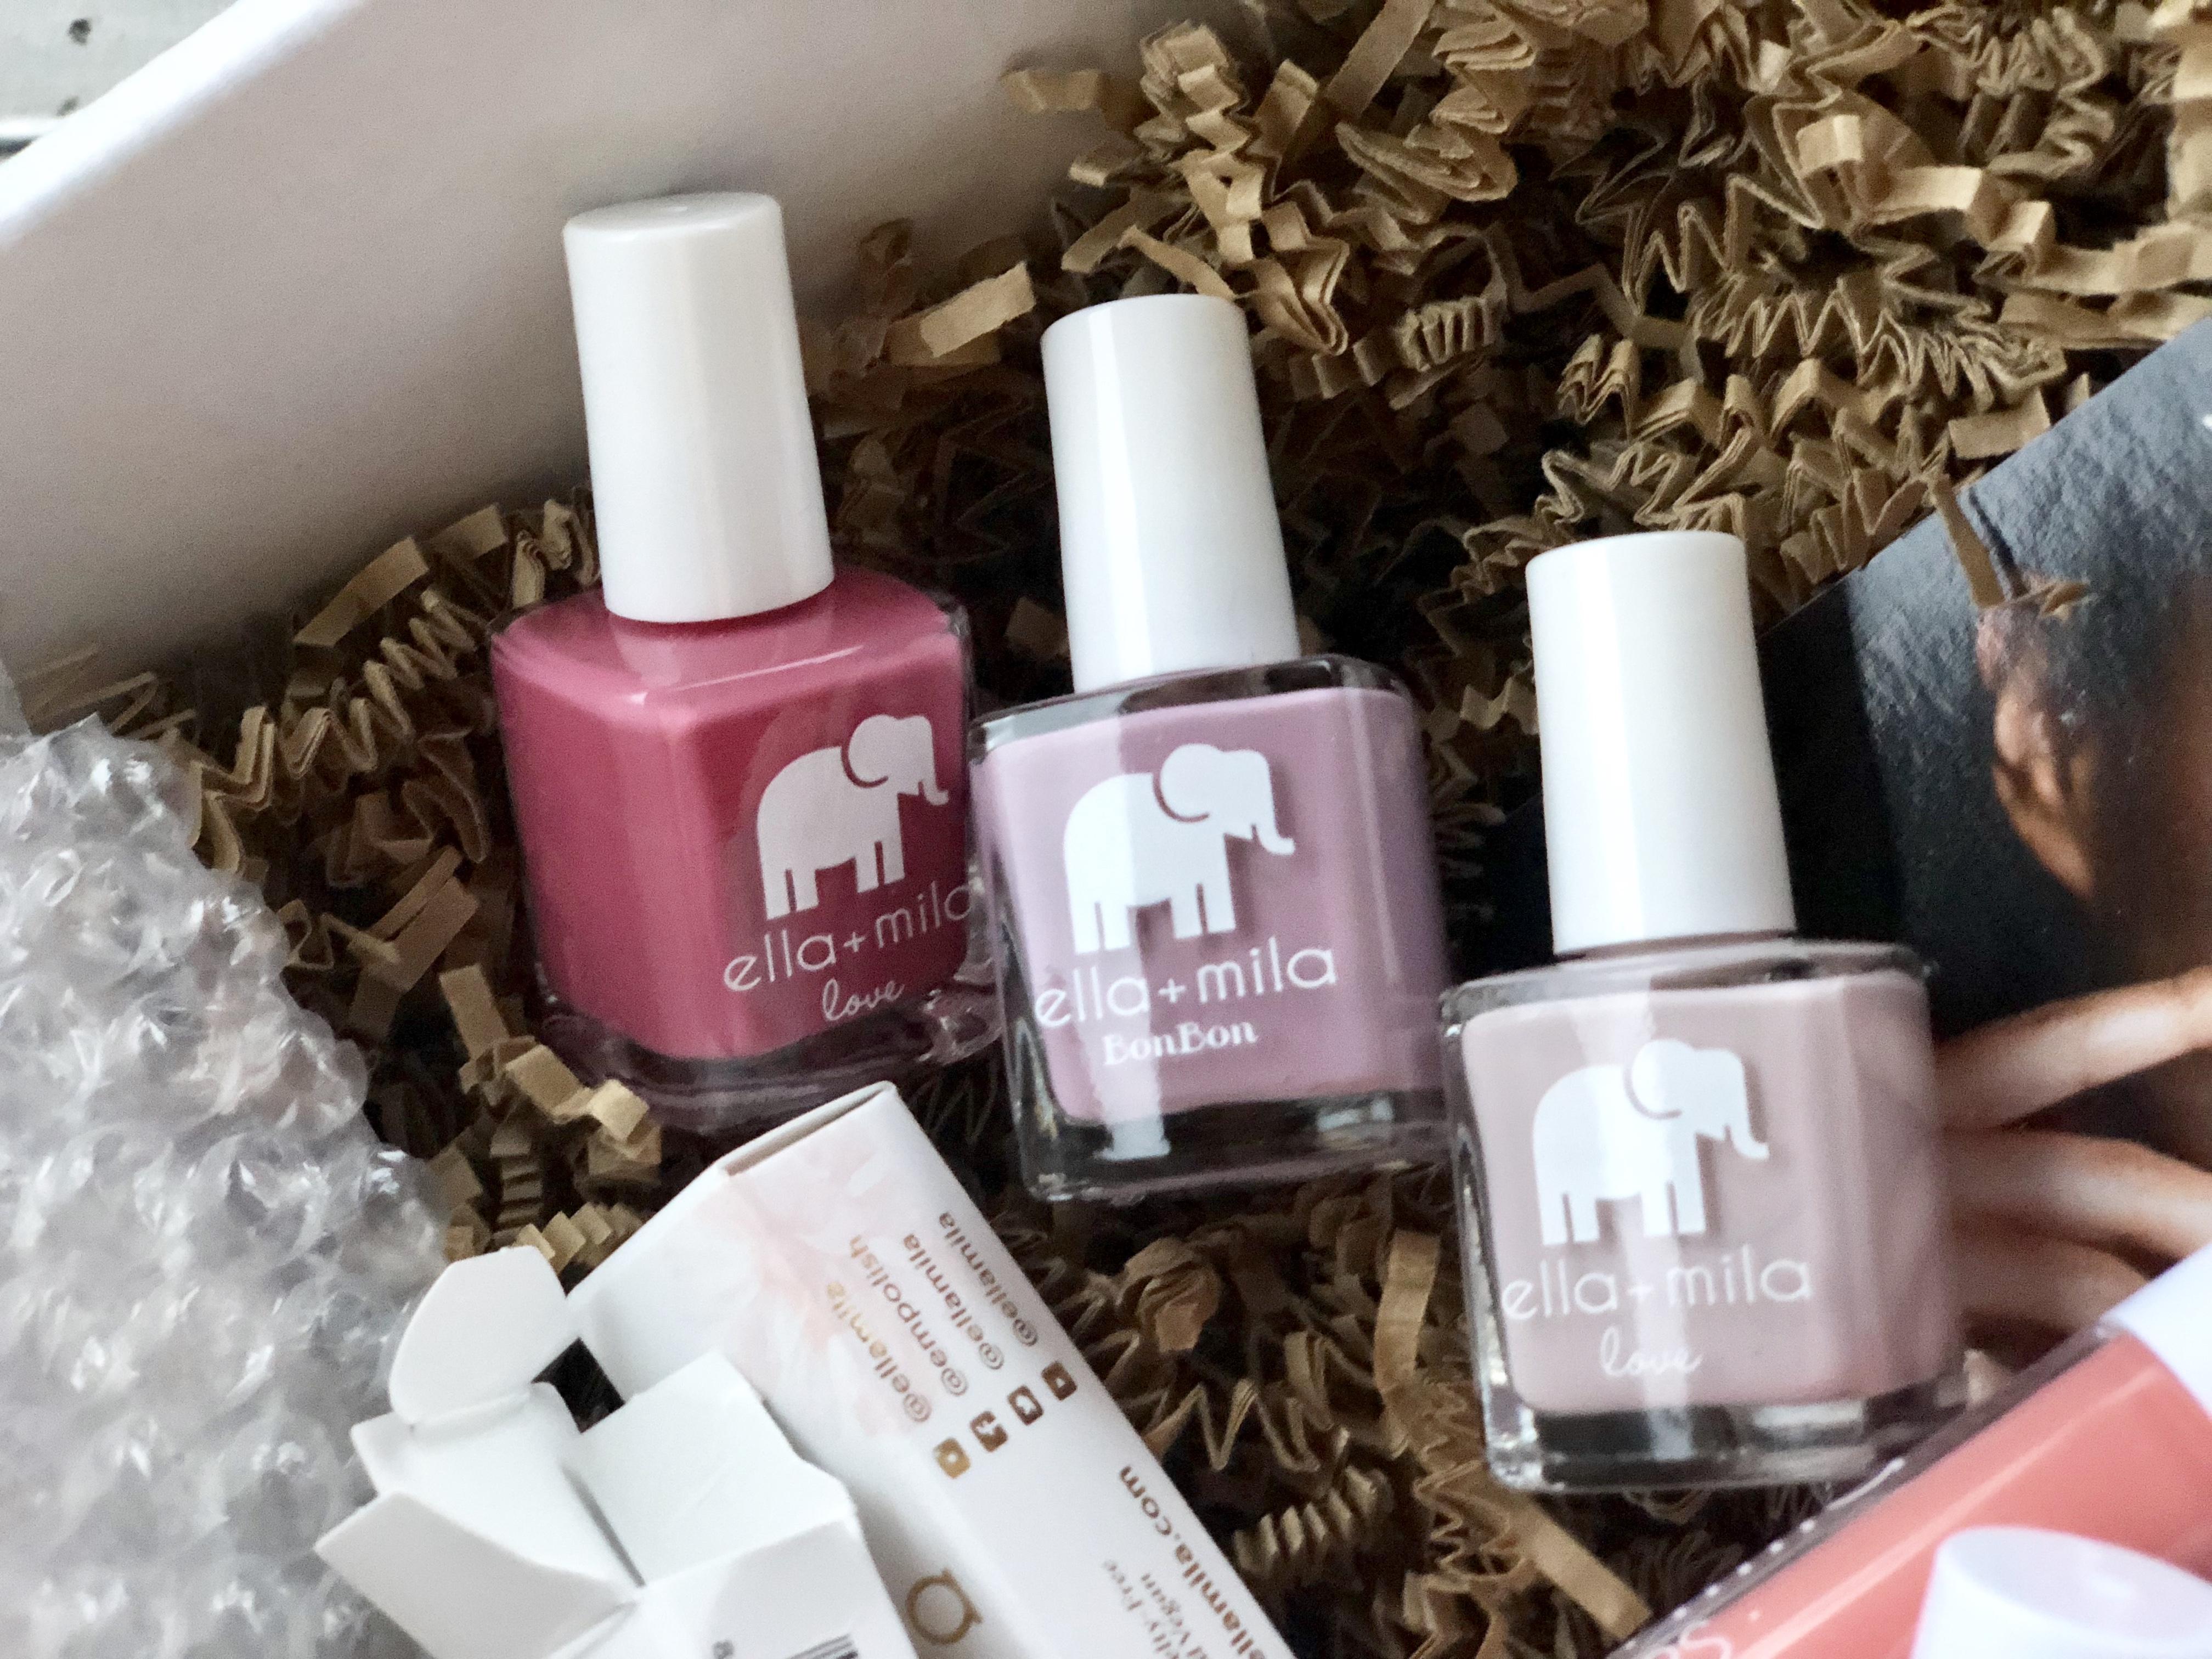 Ella + Mila nail products deal – nail polish bottles in a box